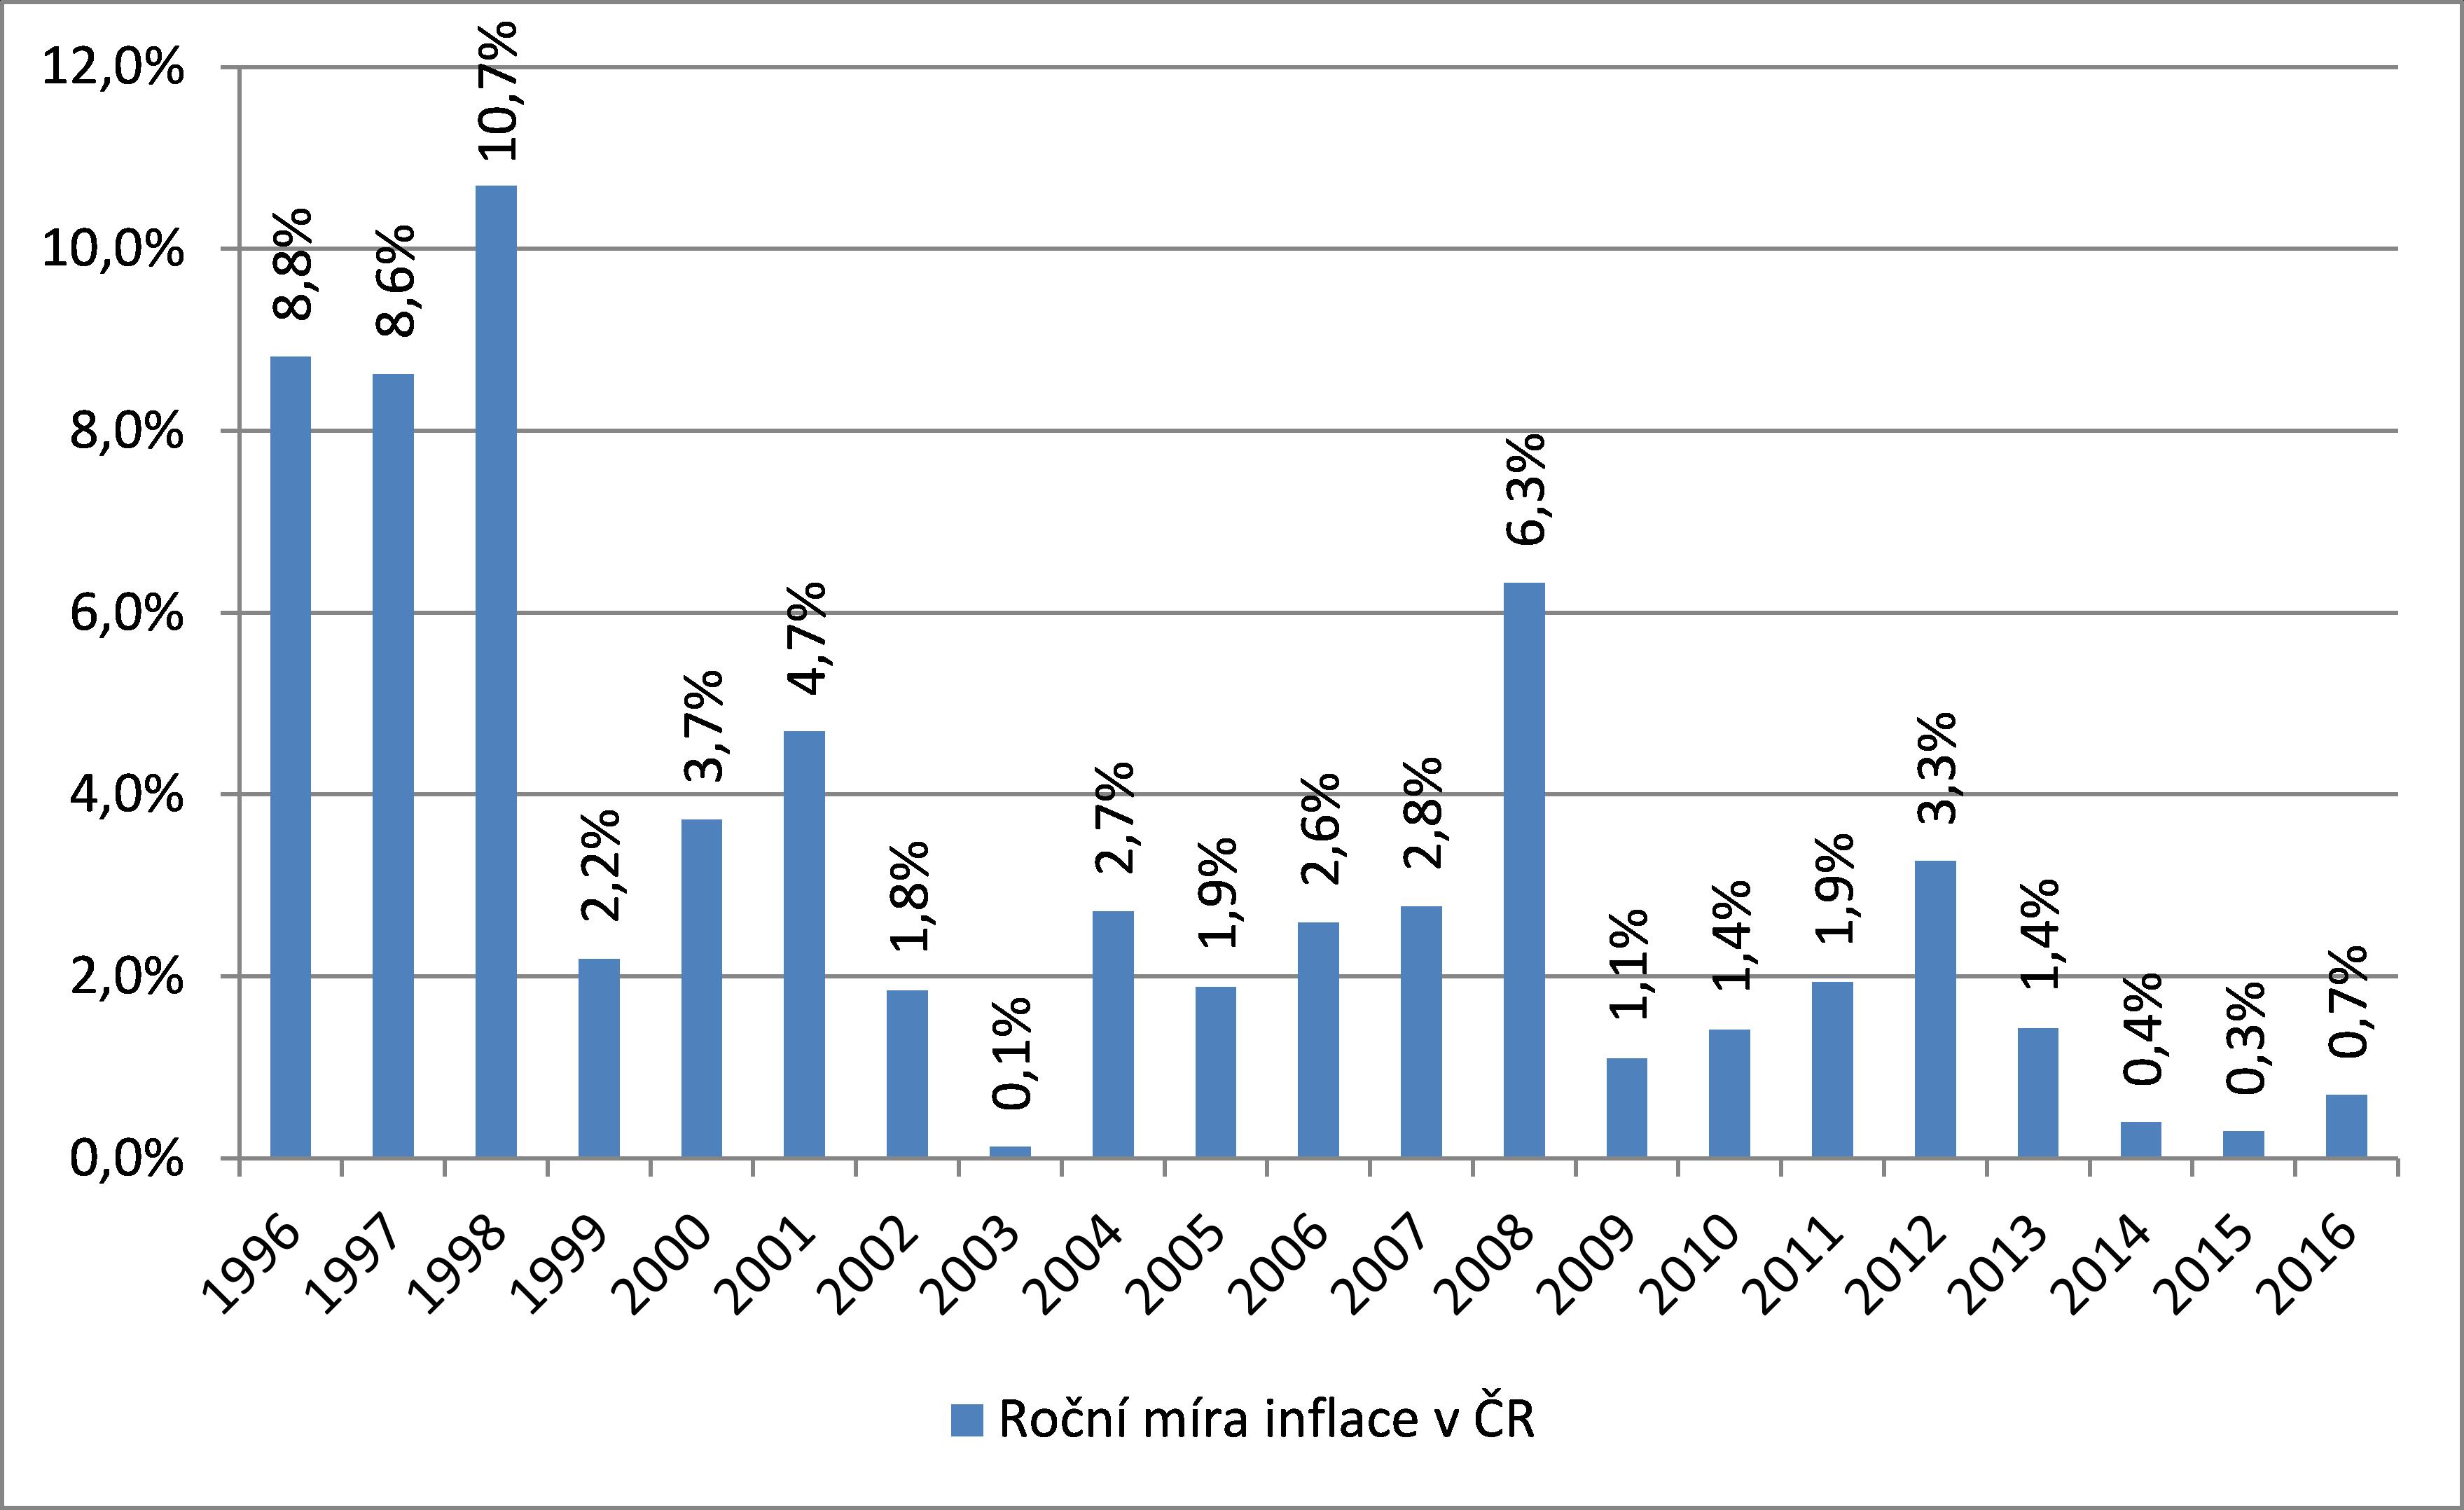 Roční míra inflace v ČR